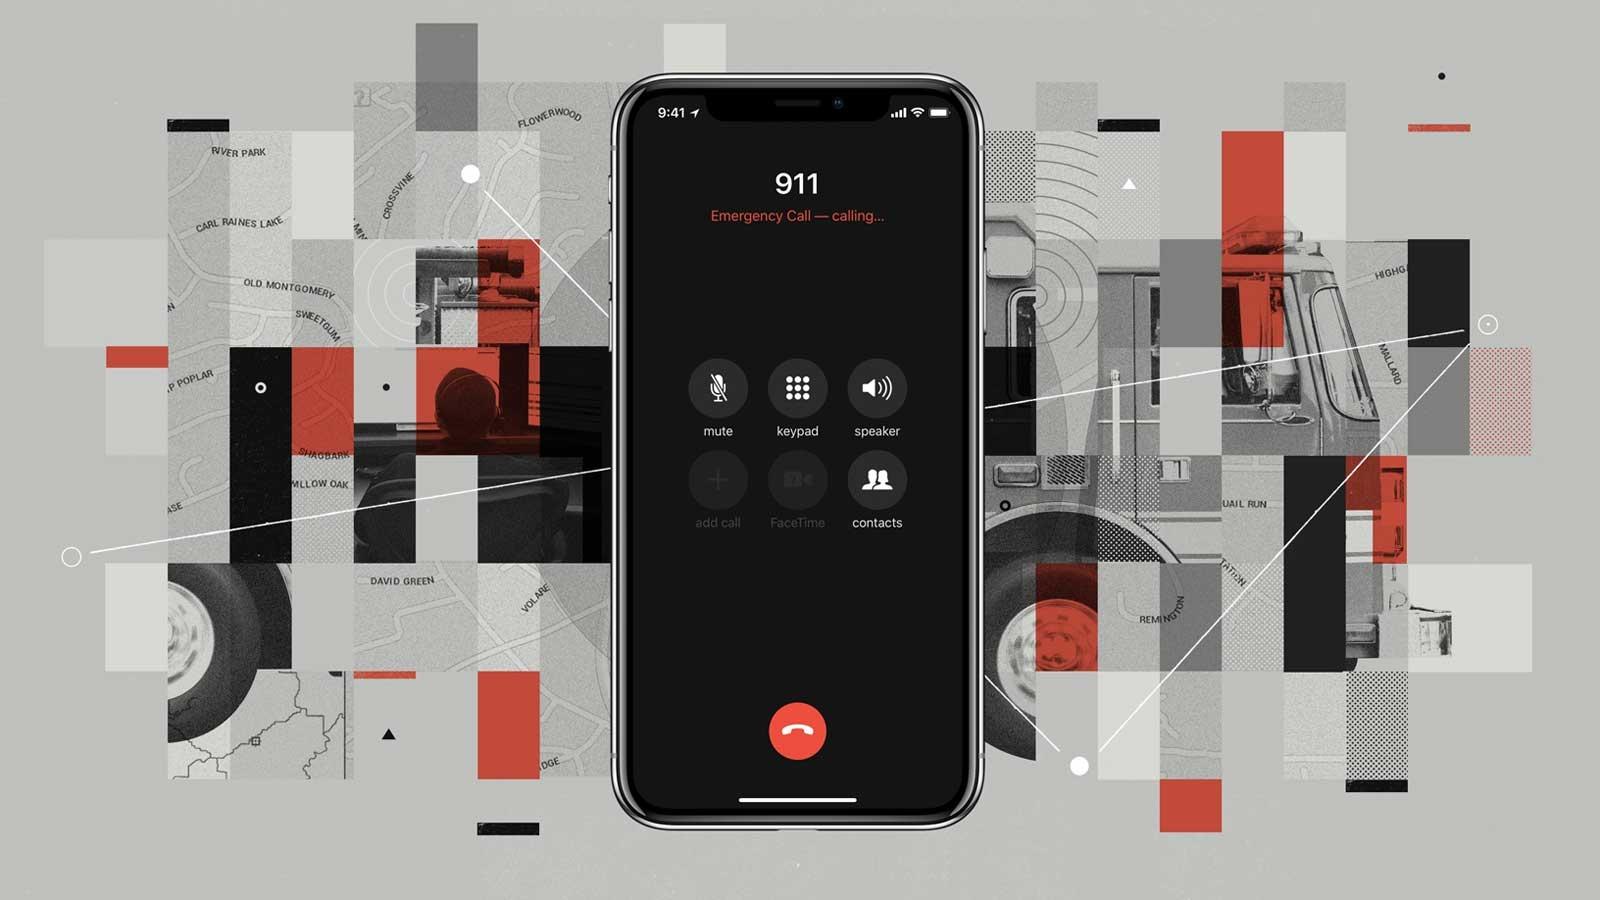 ارسال خودکار لوکیشن برای پلیس در iOS 12